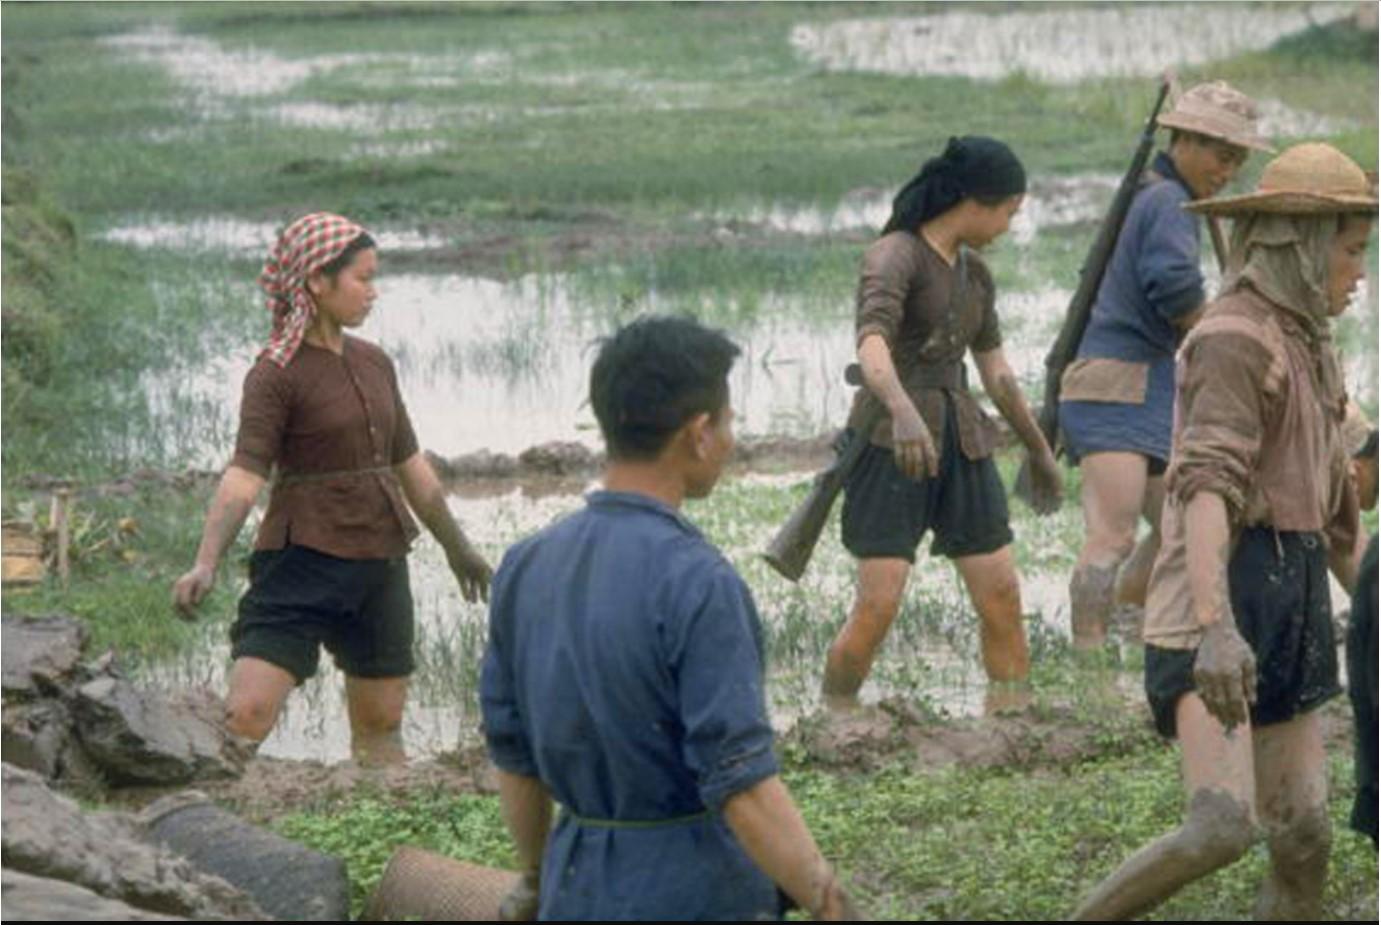 Группа сельскохозяйственных рабочих с винтовками за плечами в рисовом поле